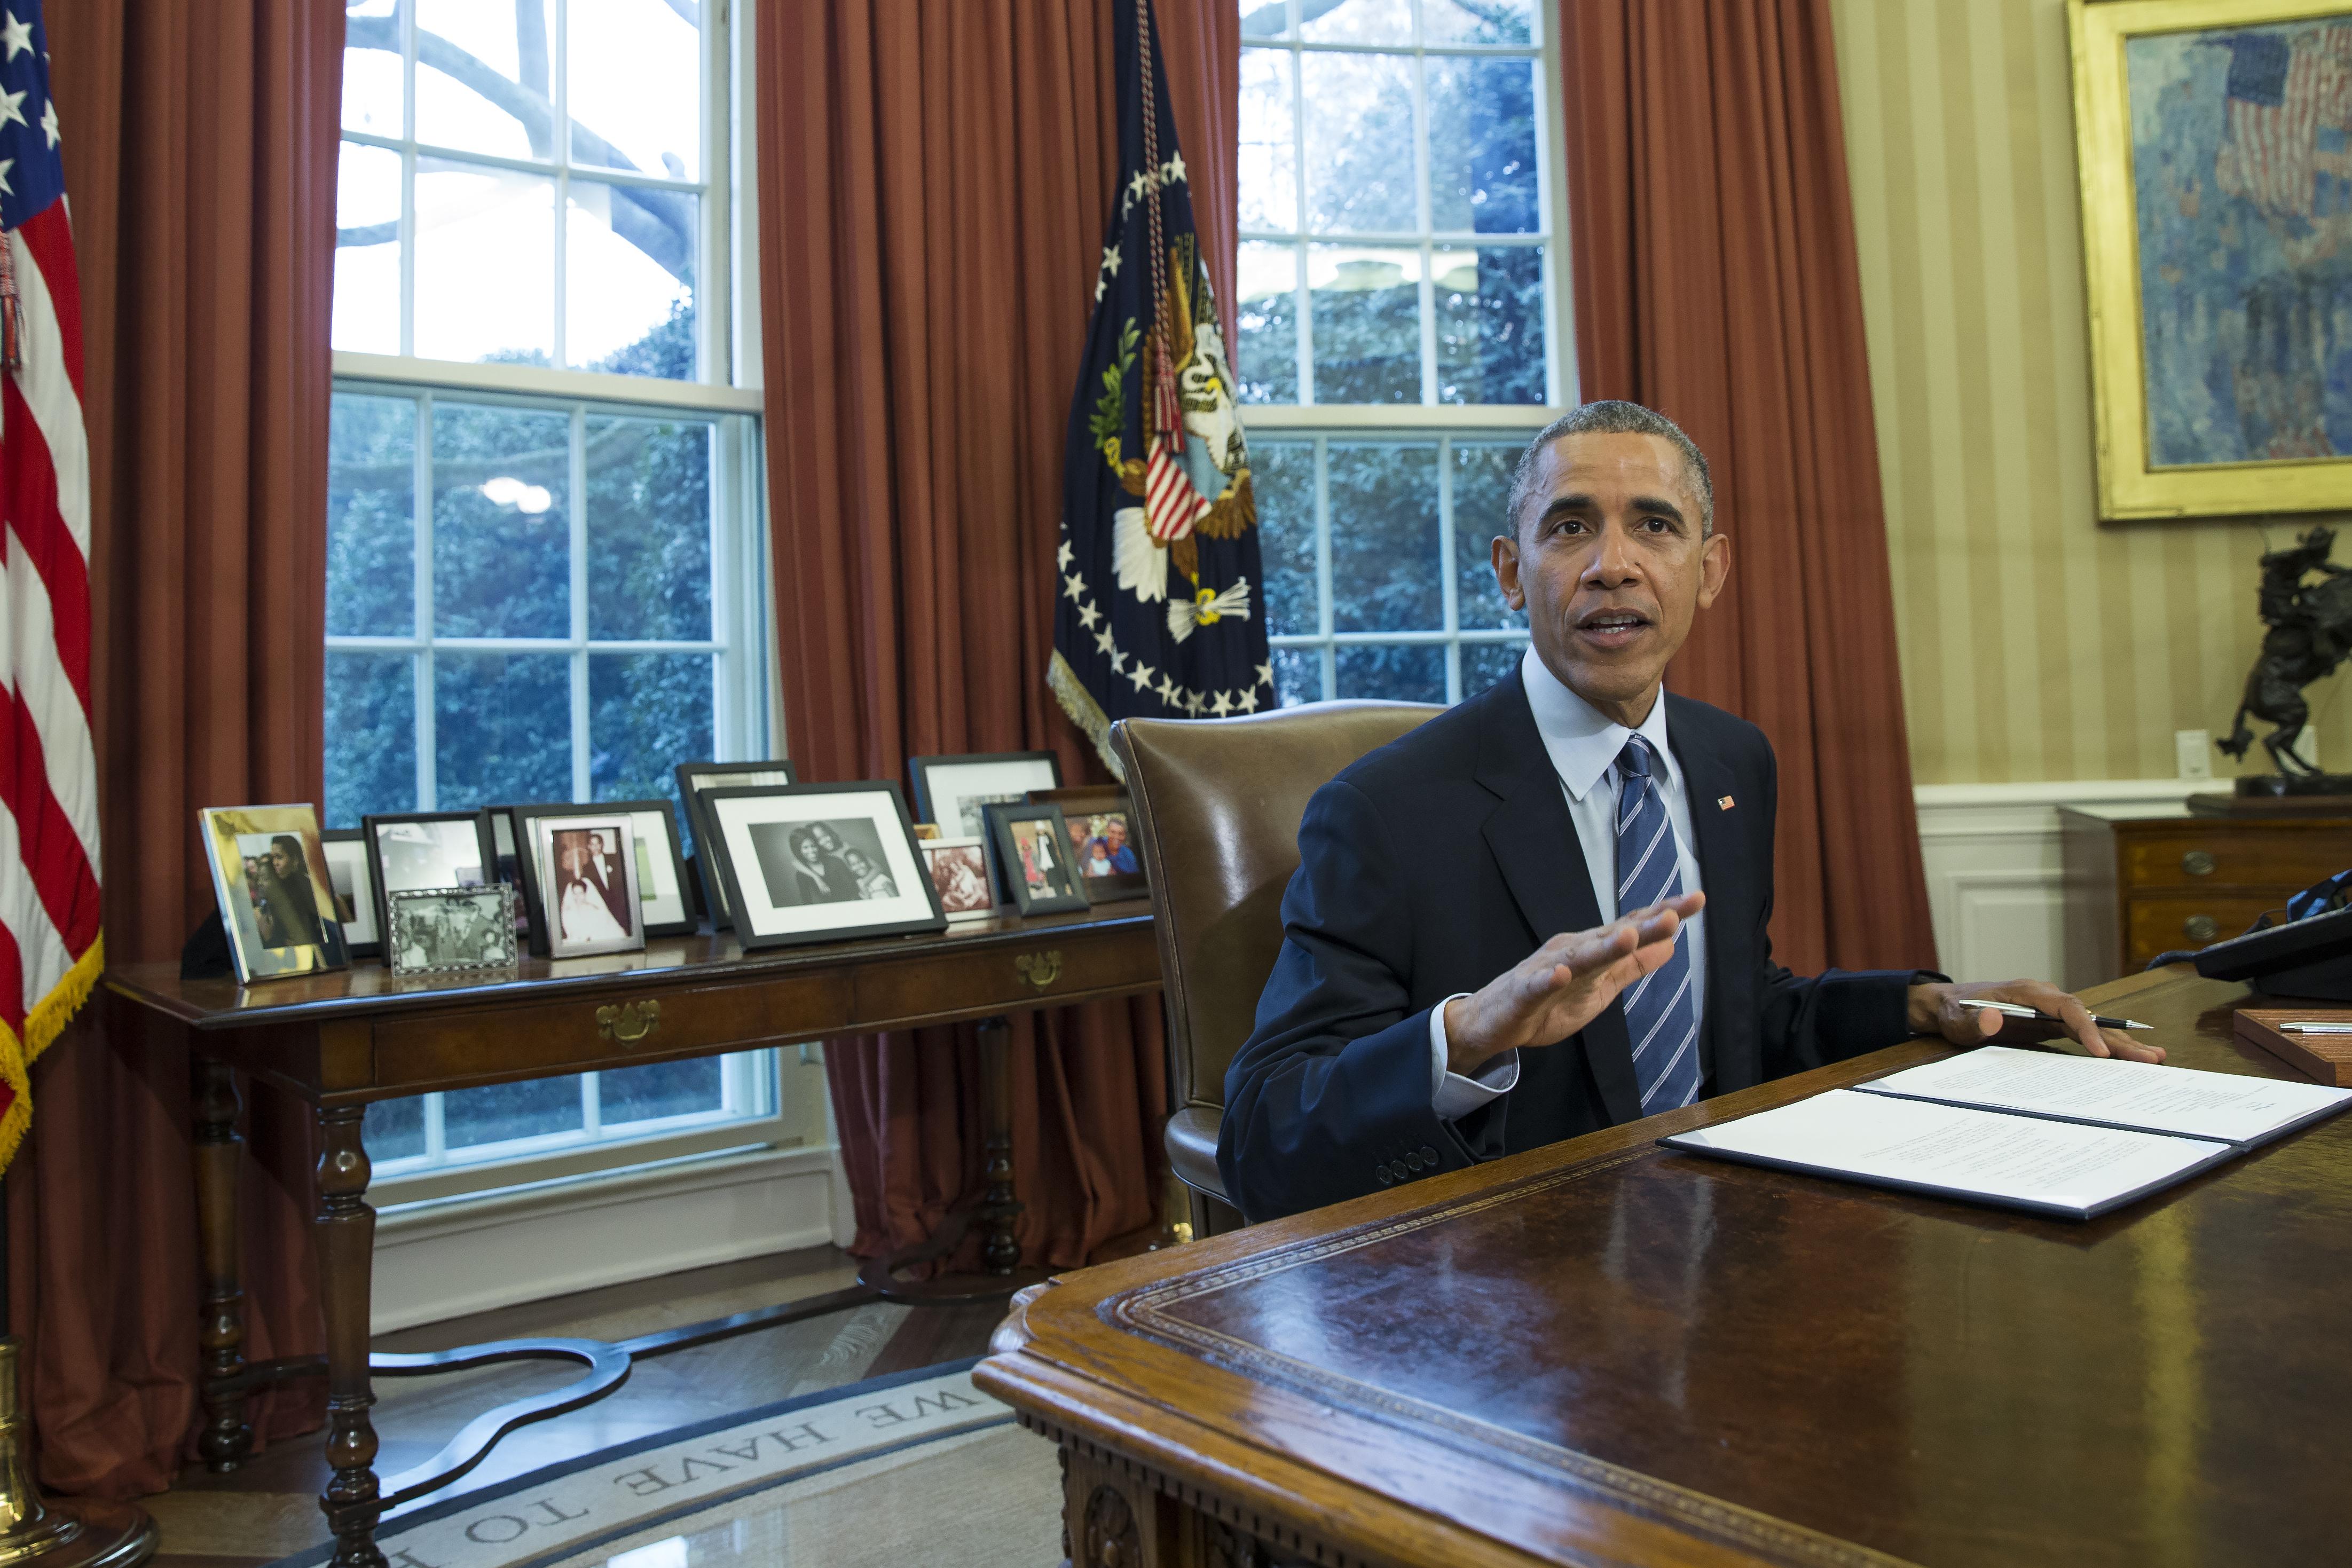 Obama Student Loan Servicers